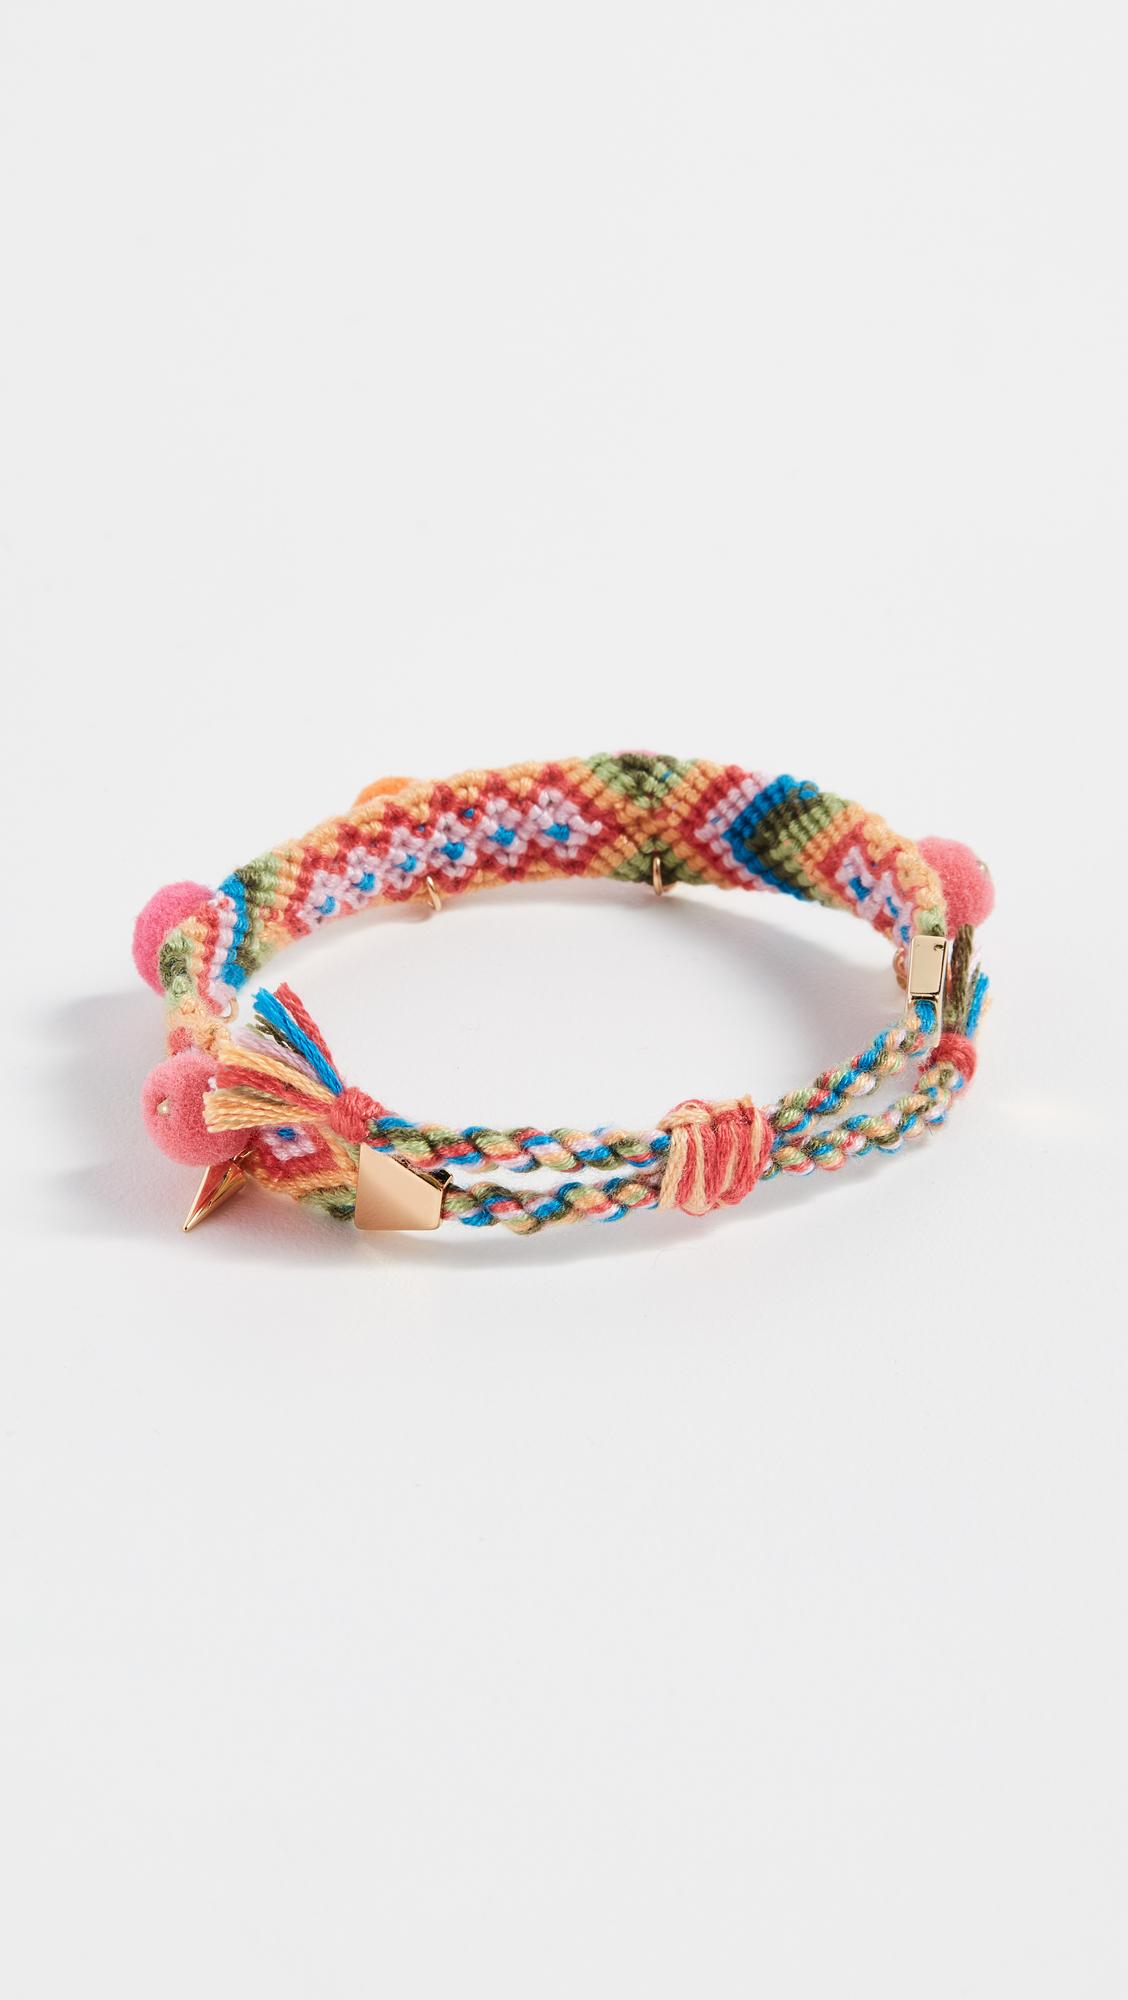 Rebecca Minkoff Cha Cha Friendship Bracelet x57tQ4ETn